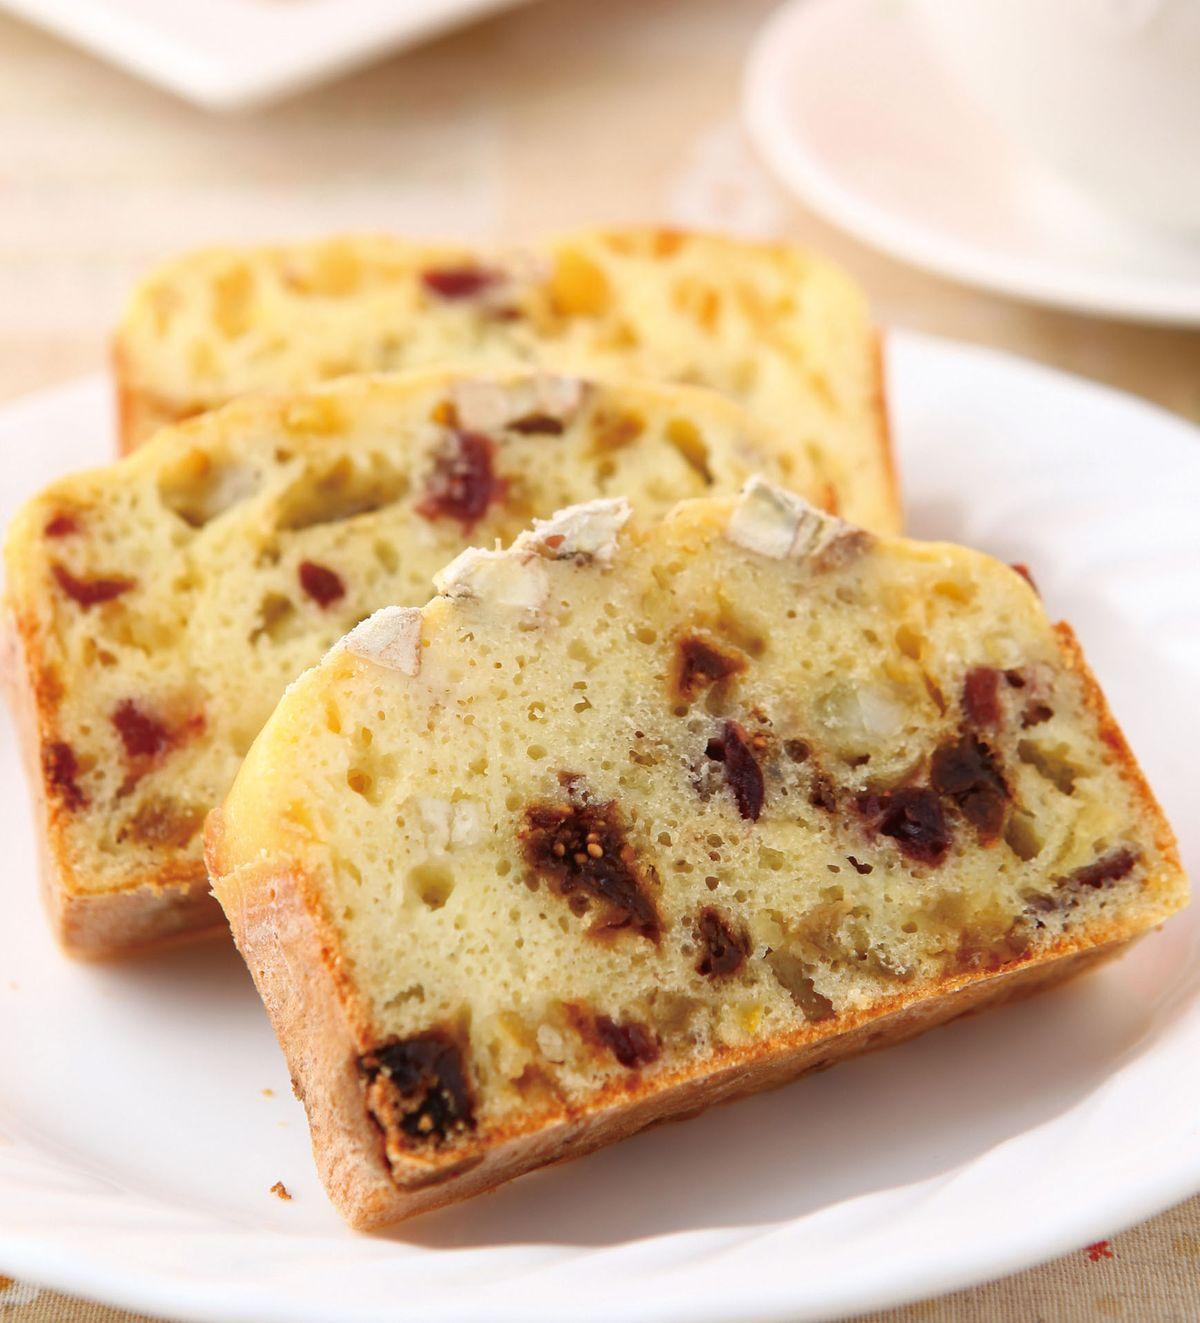 食譜:什錦果香鹹蛋糕